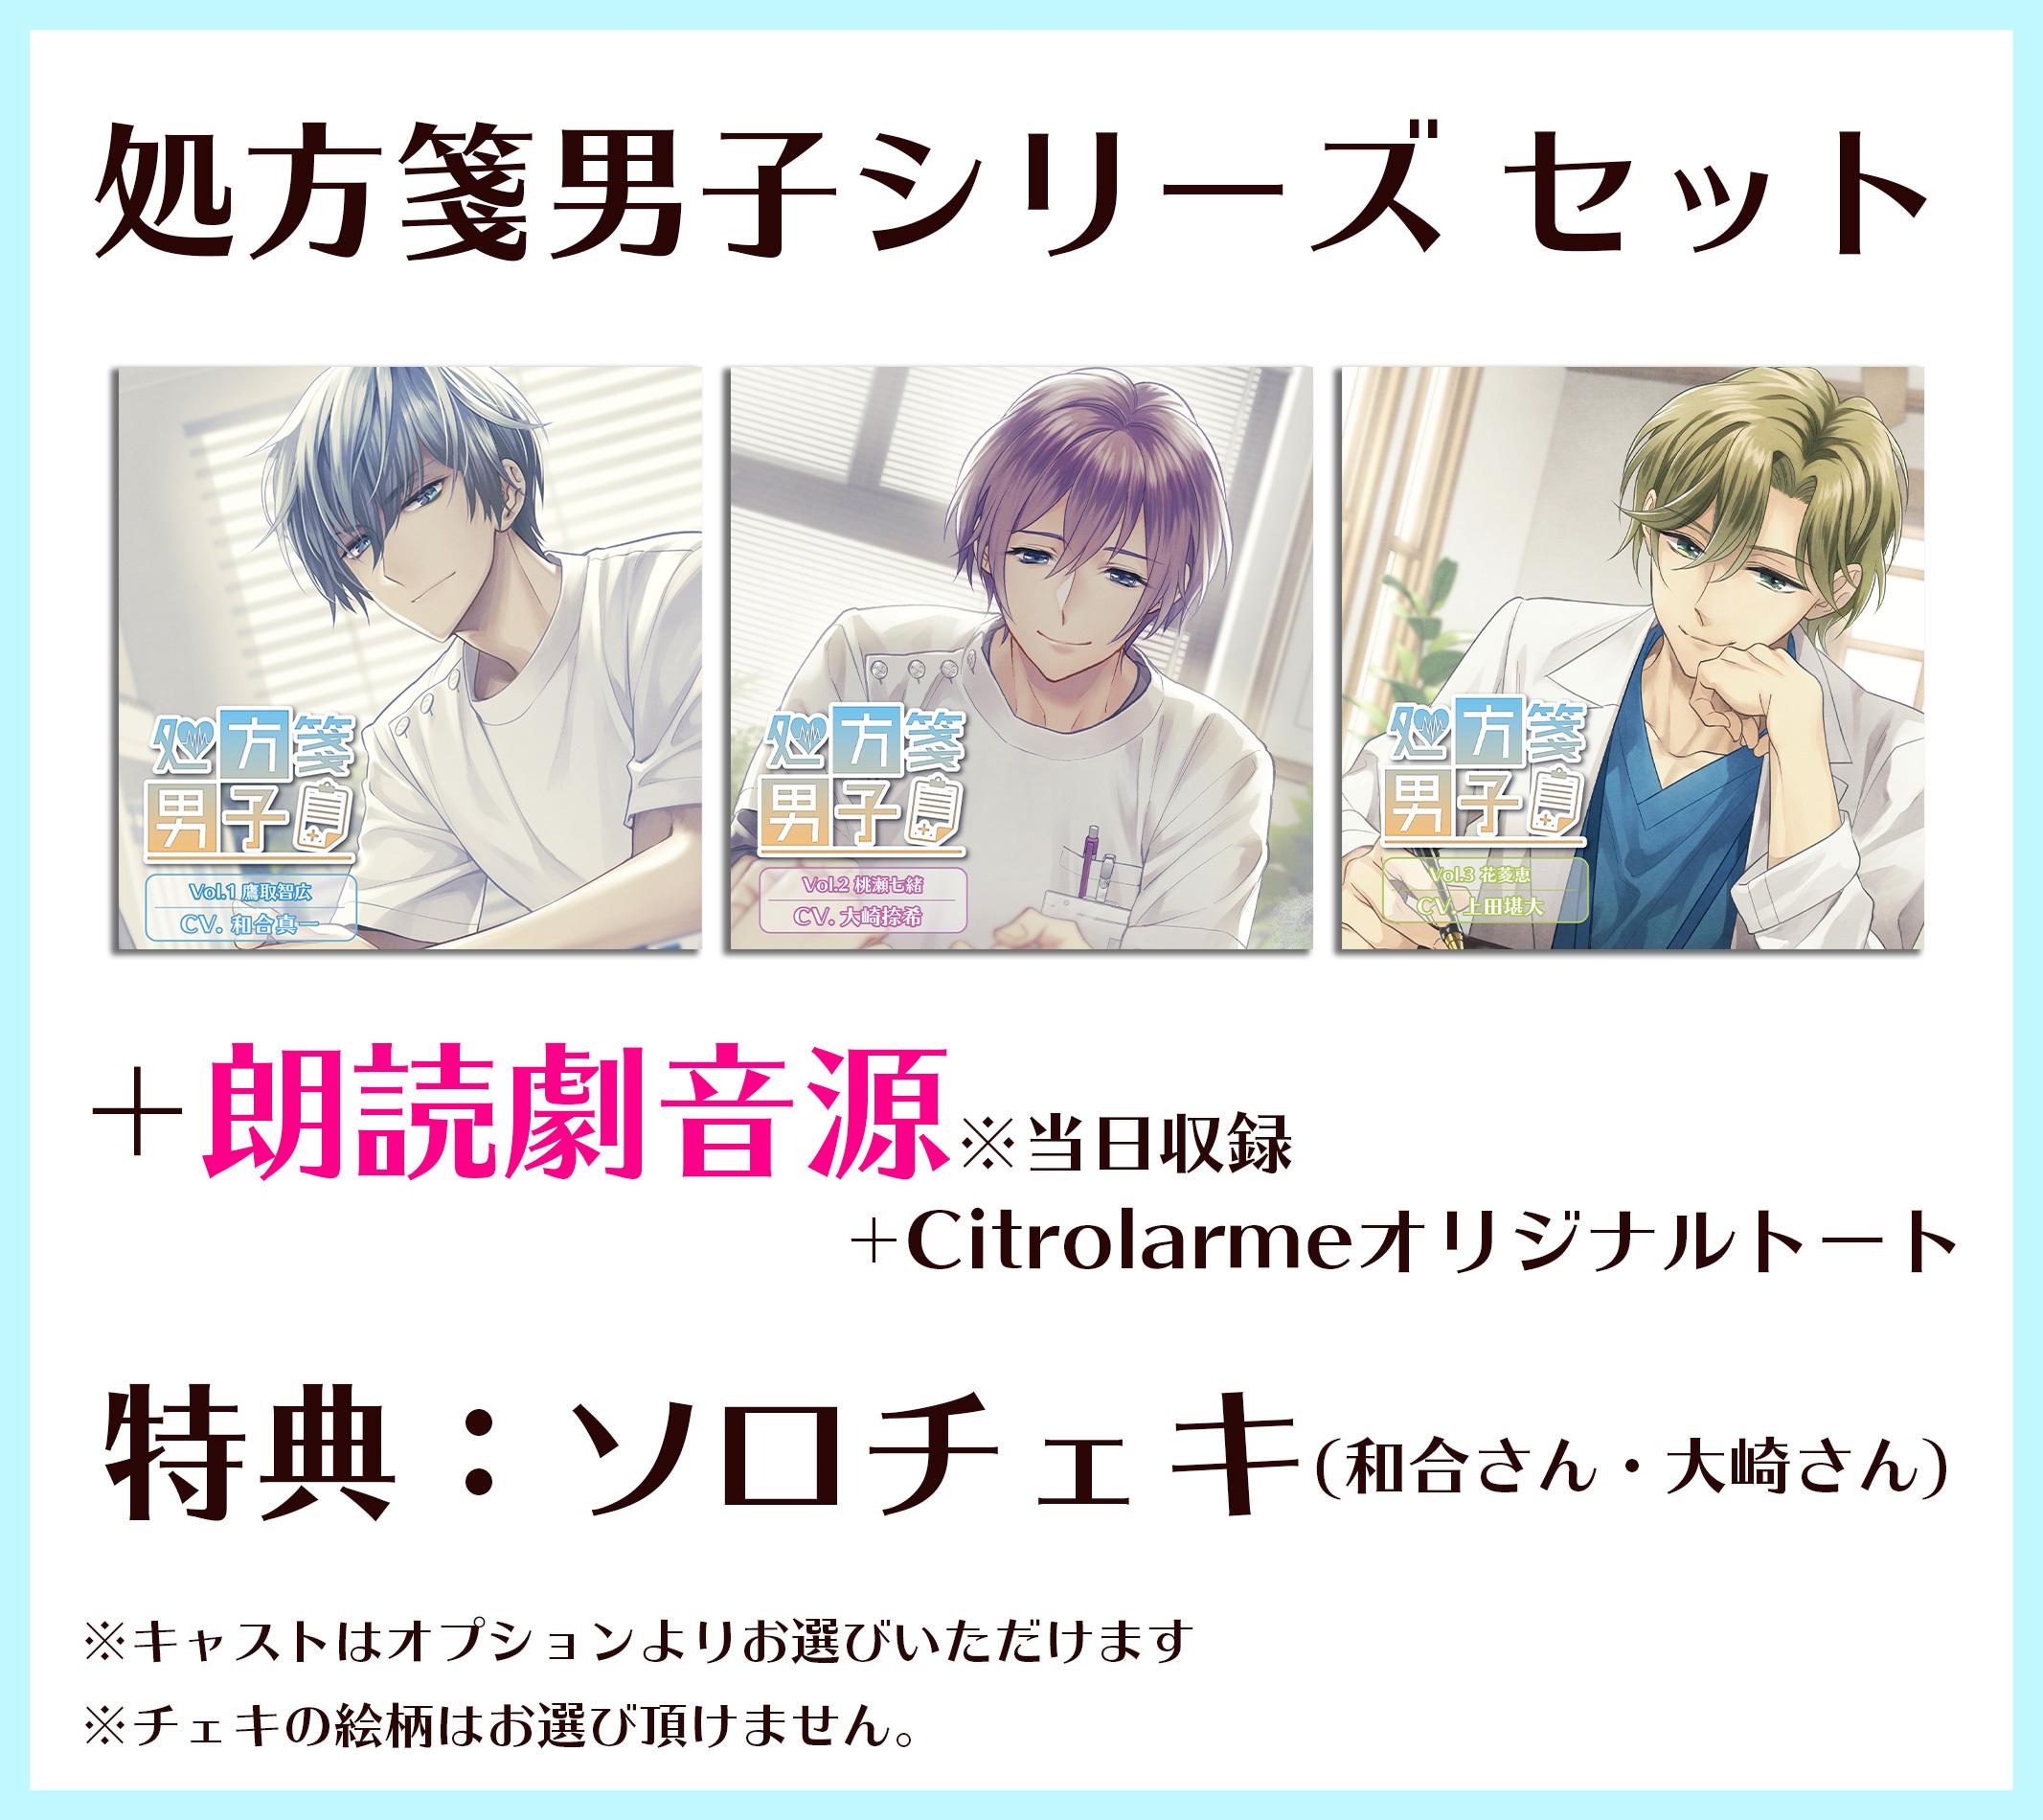 【オンラインイベント記念物販】特典チェキ付★処方箋男子シリーズセット